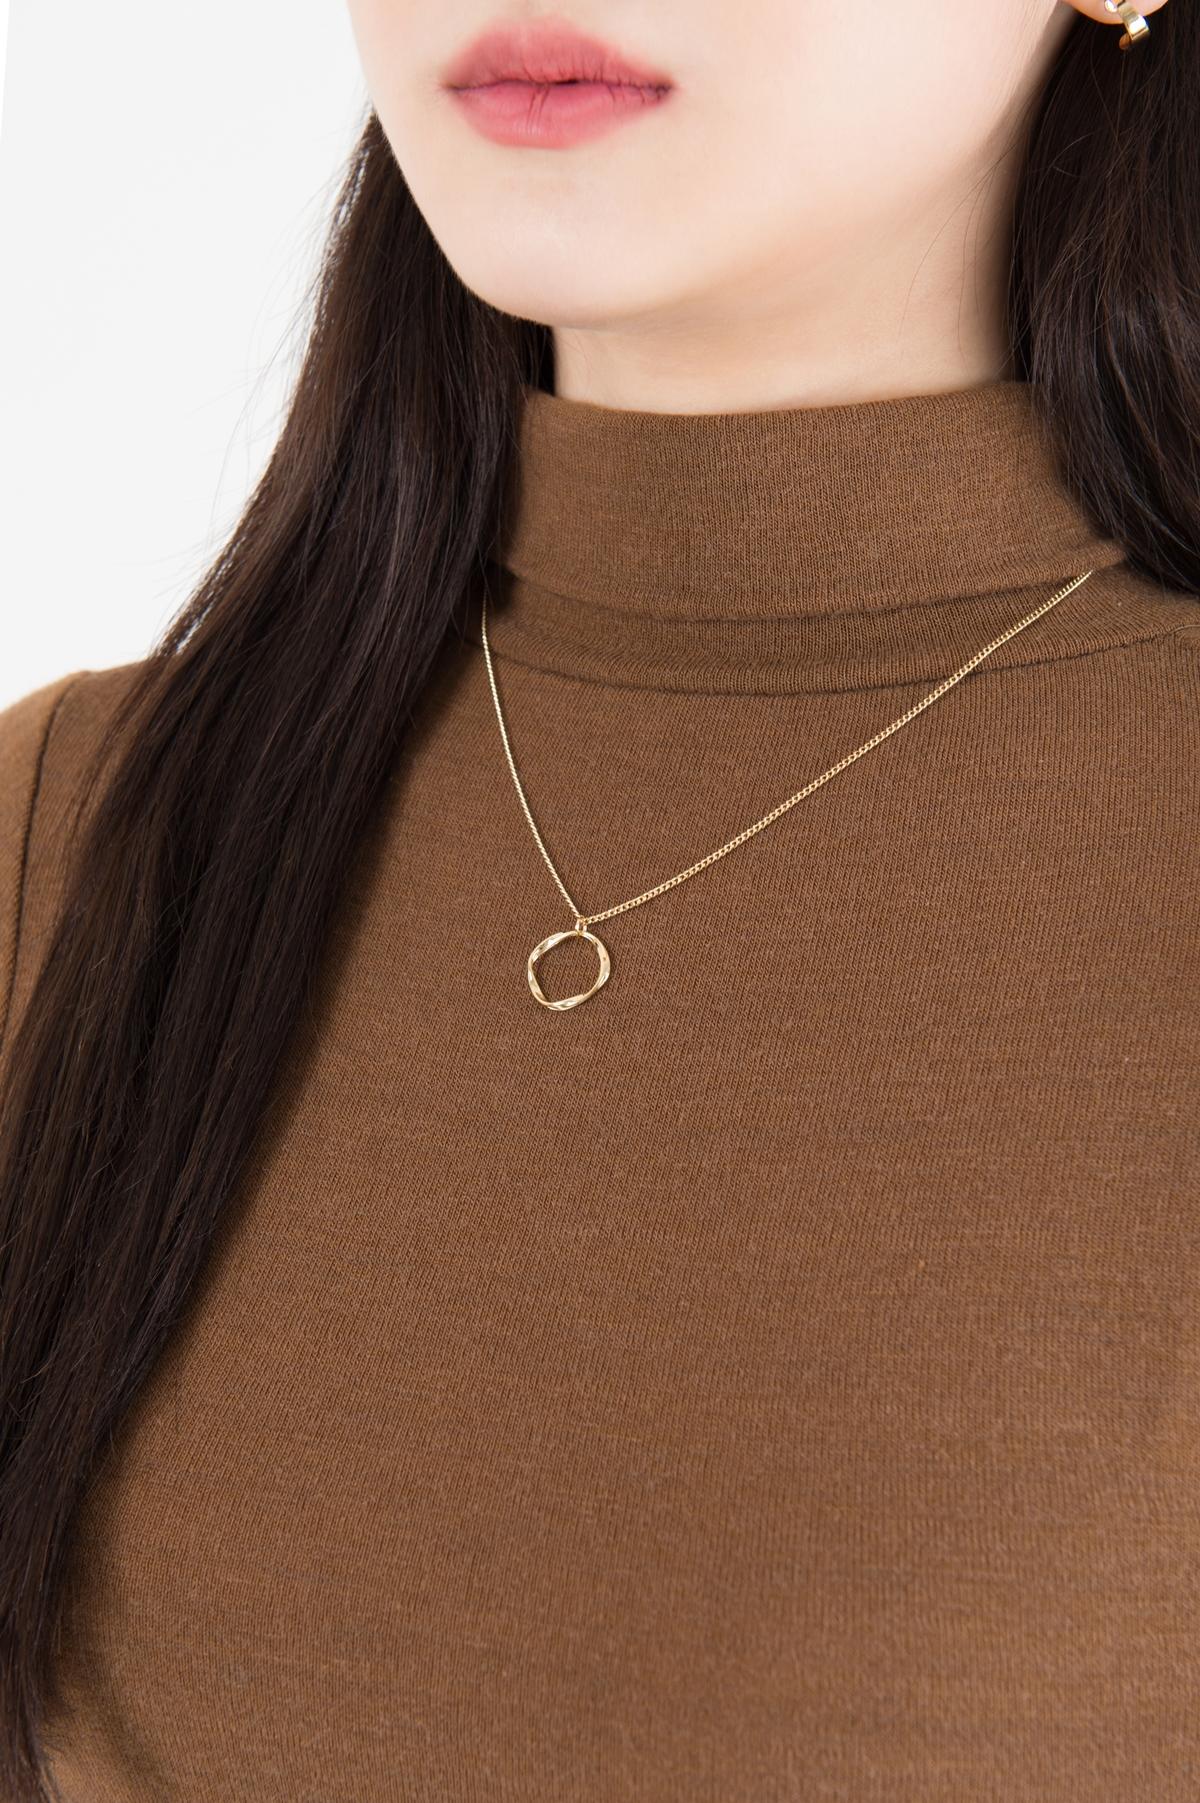 Moir simple necklace